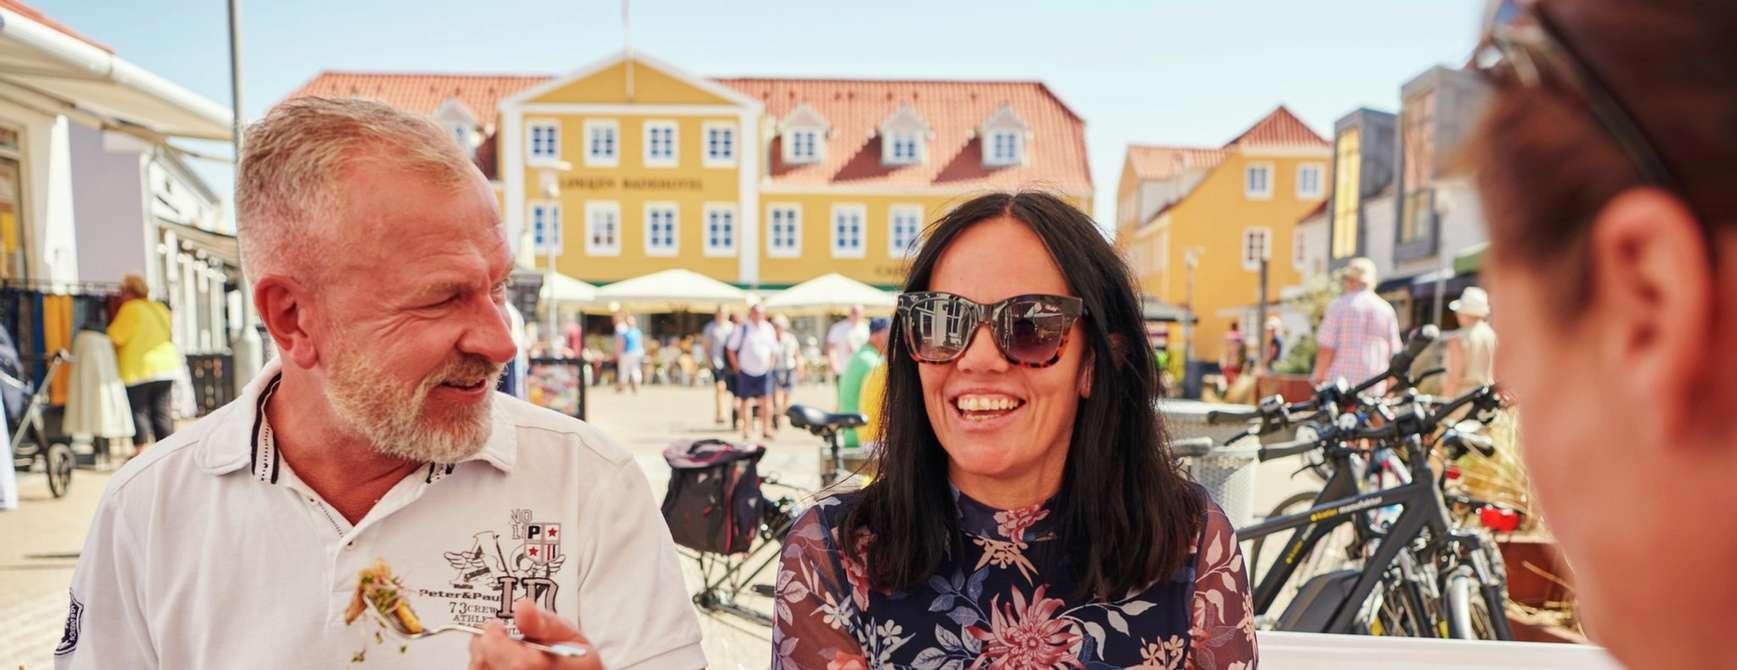 Det er veldig mye godt å få både på tallerken og i glass når du har føttene på dansk jord. Foto: Fjord Line